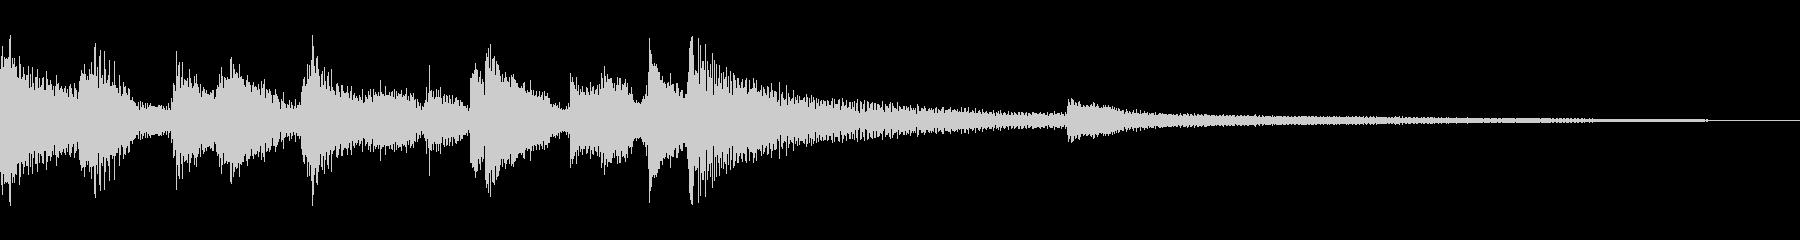 ピアノを備えたイージーリスニングア...の未再生の波形